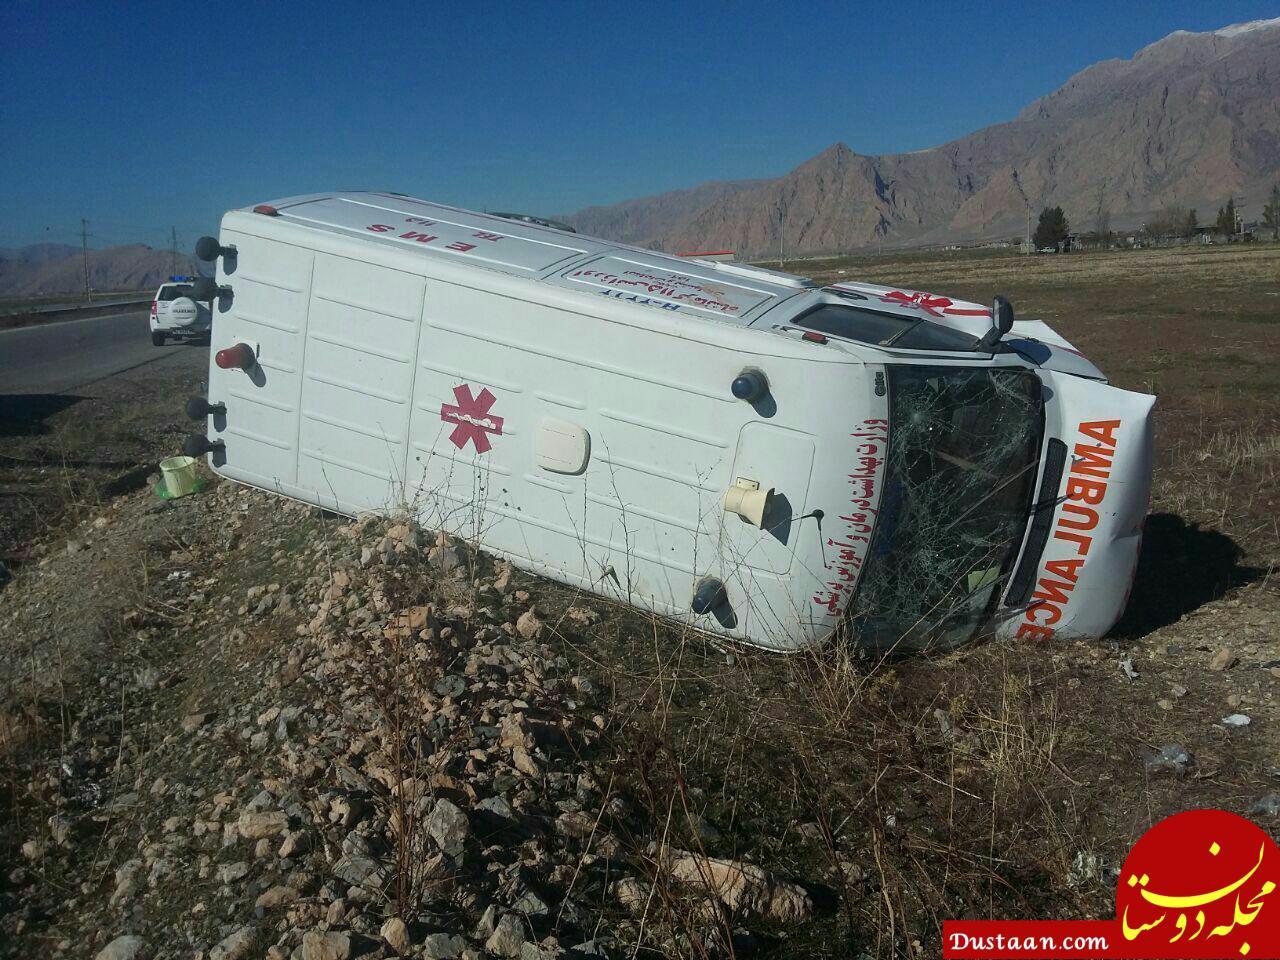 واژگونی آمبولانس حین انجام وظیفه در محور کامیاران – کرمانشاه +عکس